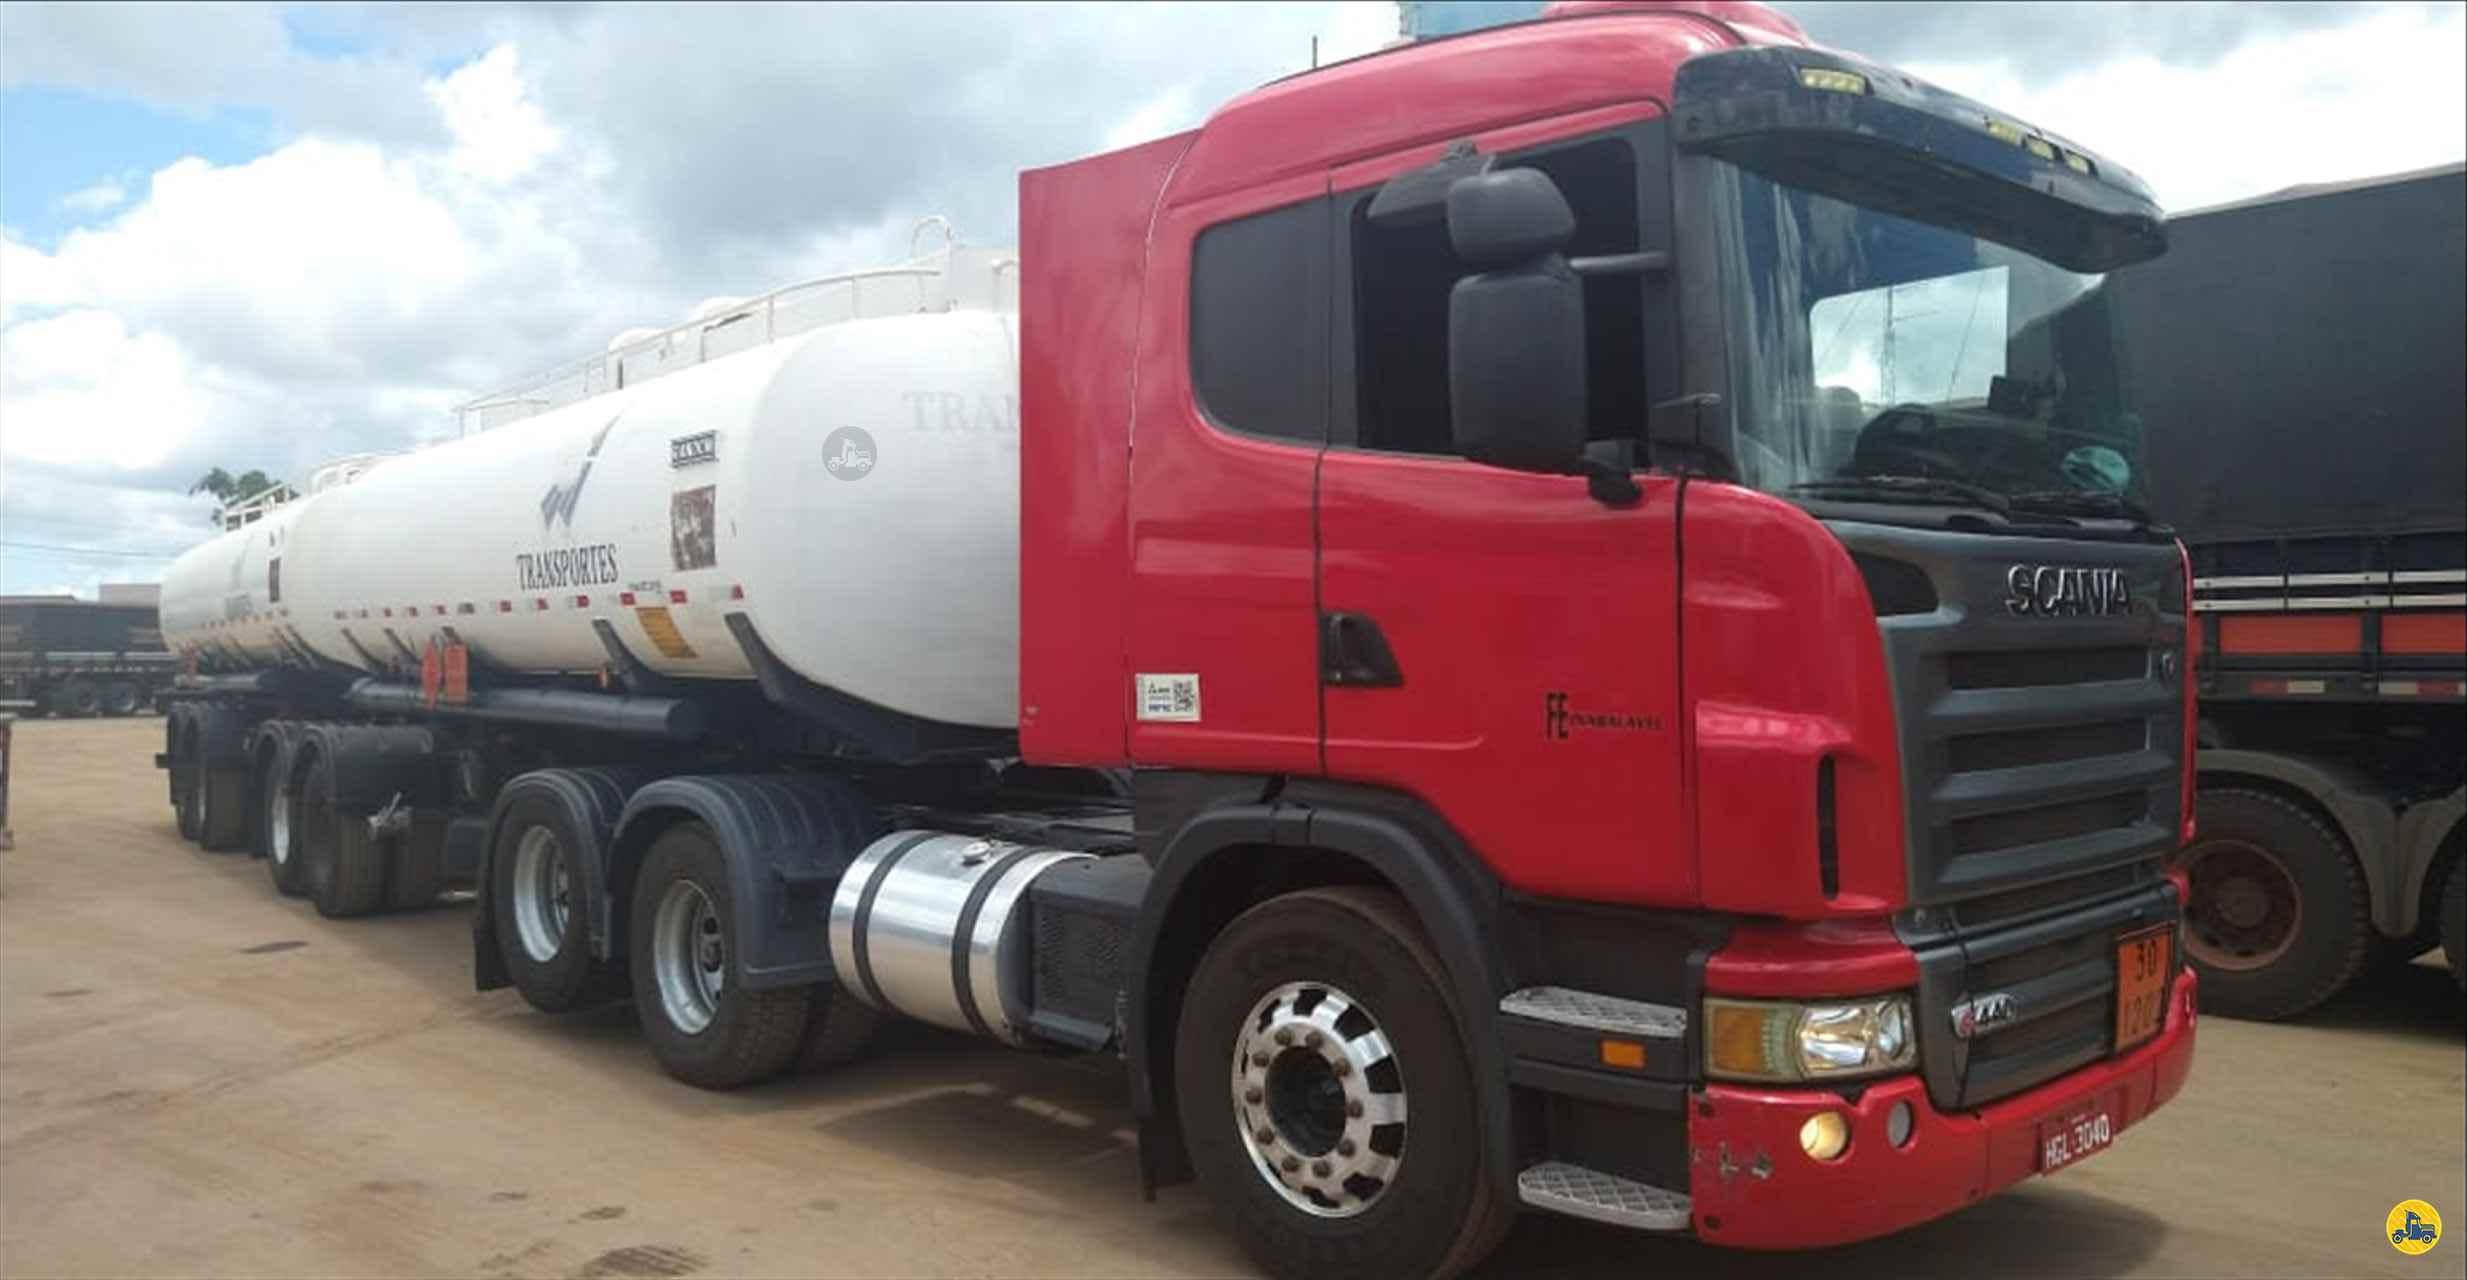 CAMINHAO SCANIA SCANIA 440 Cavalo Mecânico Truck 6x2 Cotral Caminhões SERRA DO SALITRE MINAS GERAIS MG